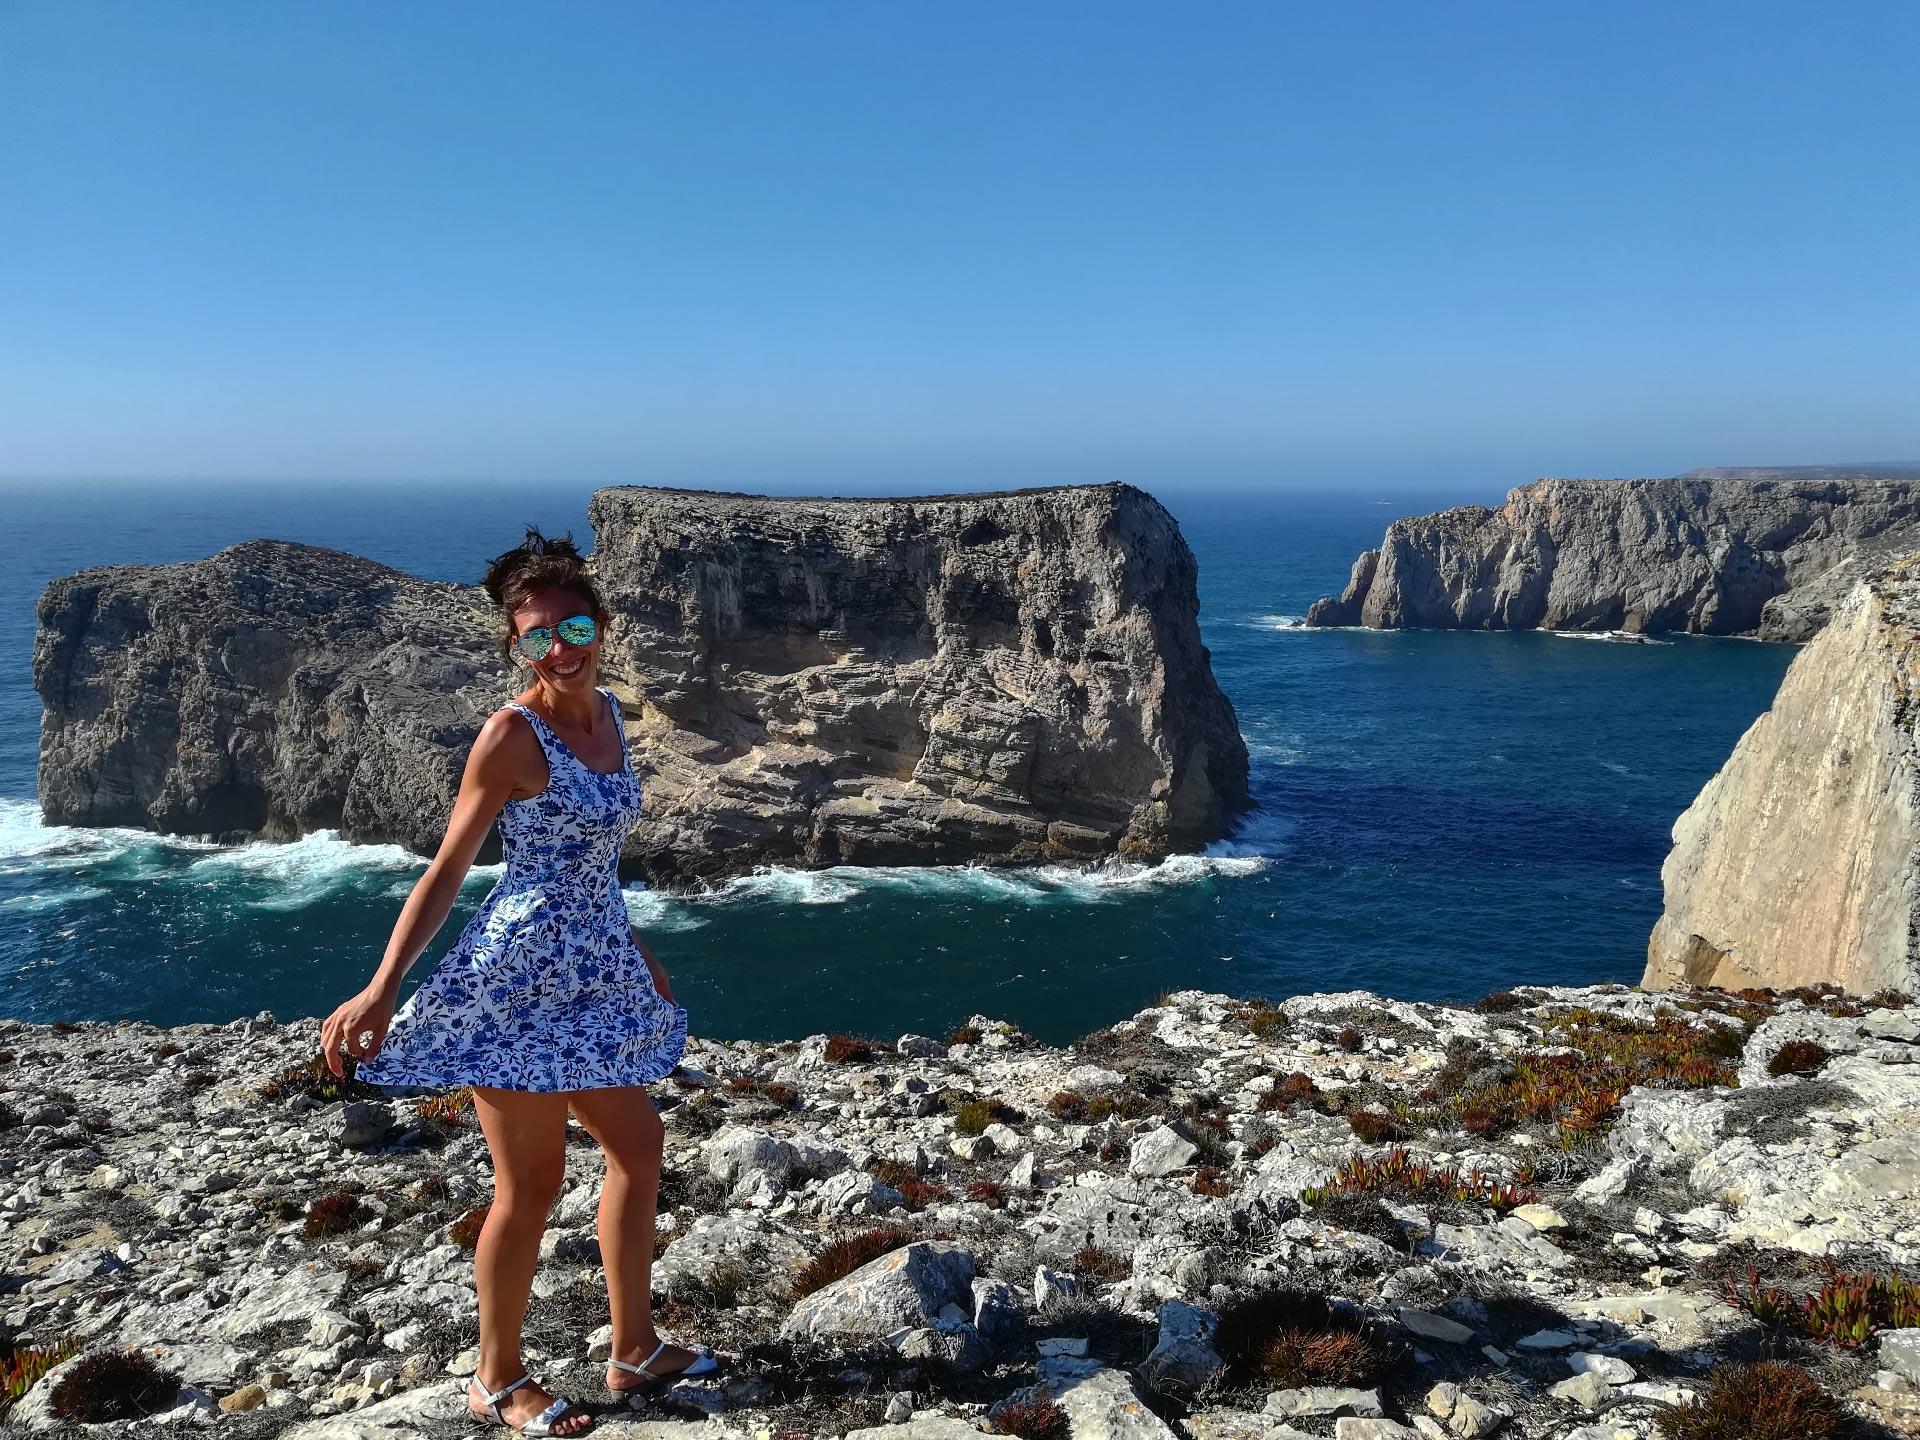 veduta della scogliera Portoghese di Cabo de Sao Vicente